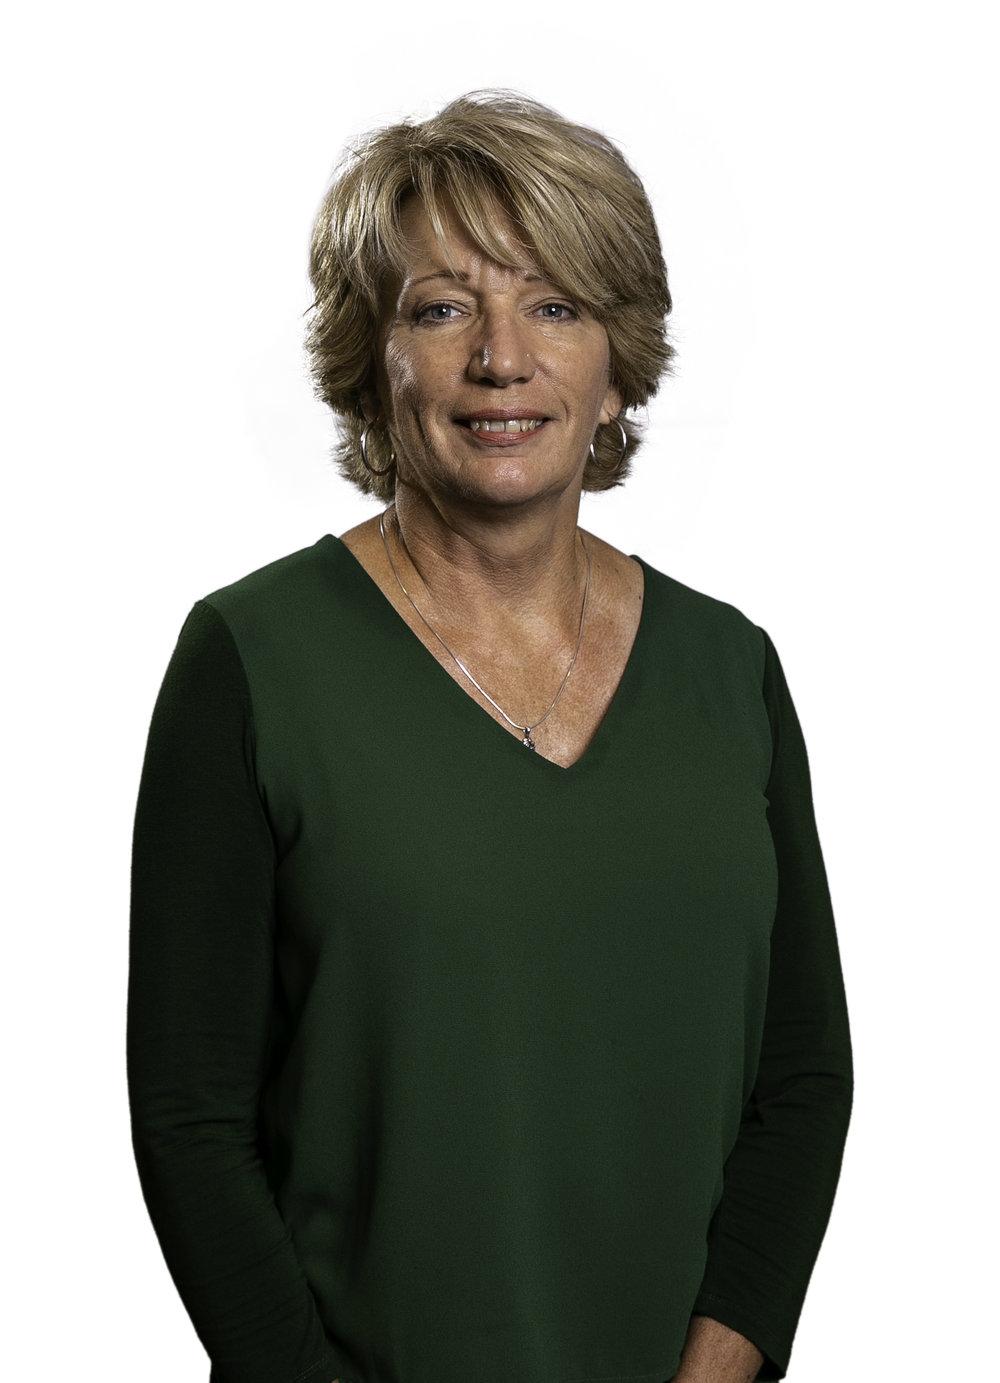 Carol DeVillier